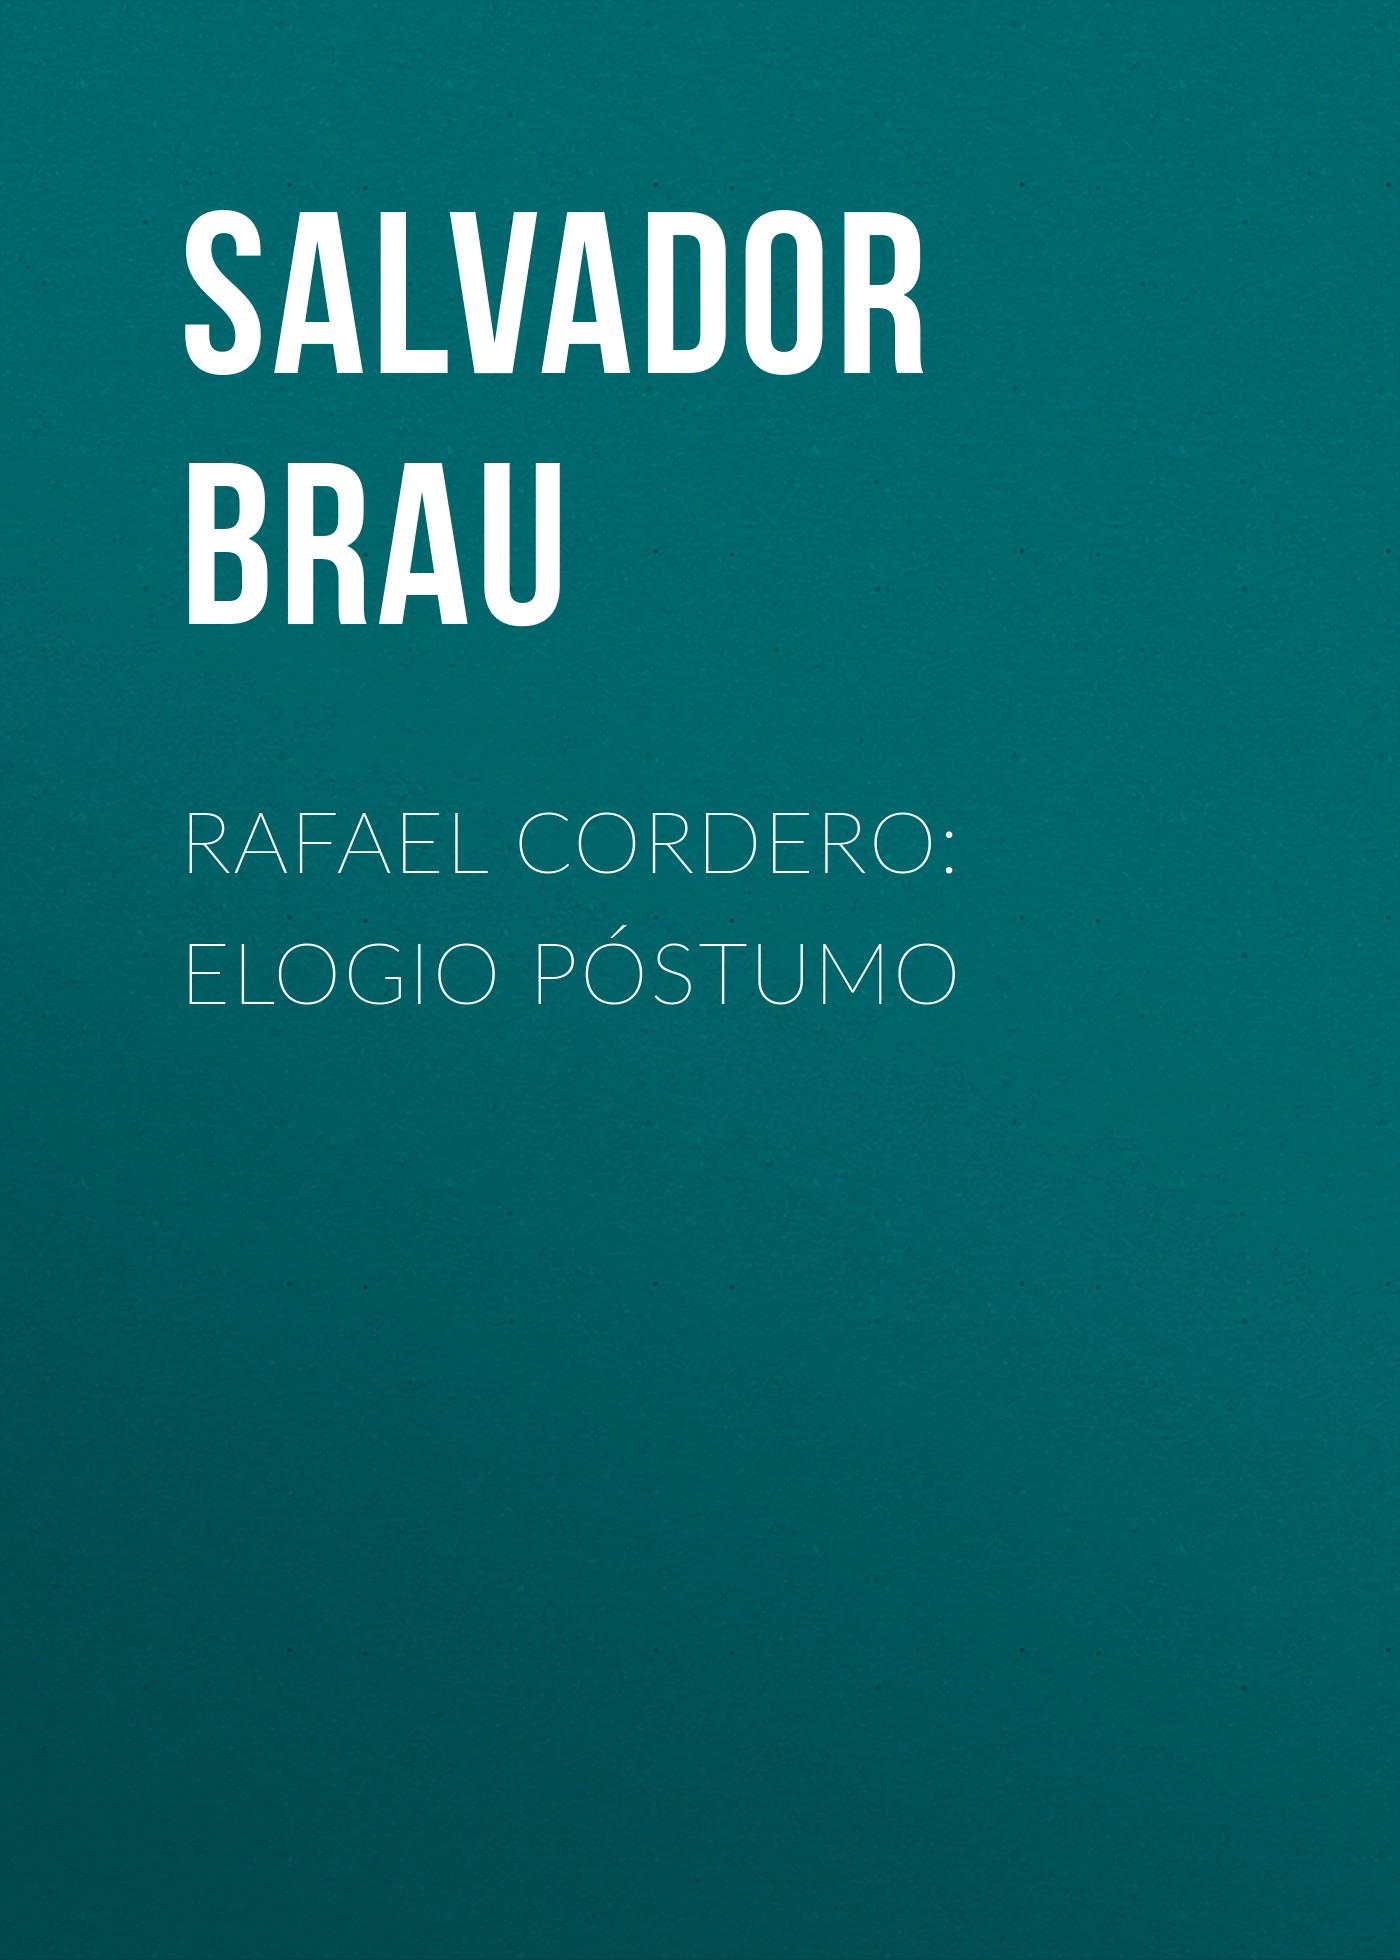 Rafael Cordero: Elogio Póstumo